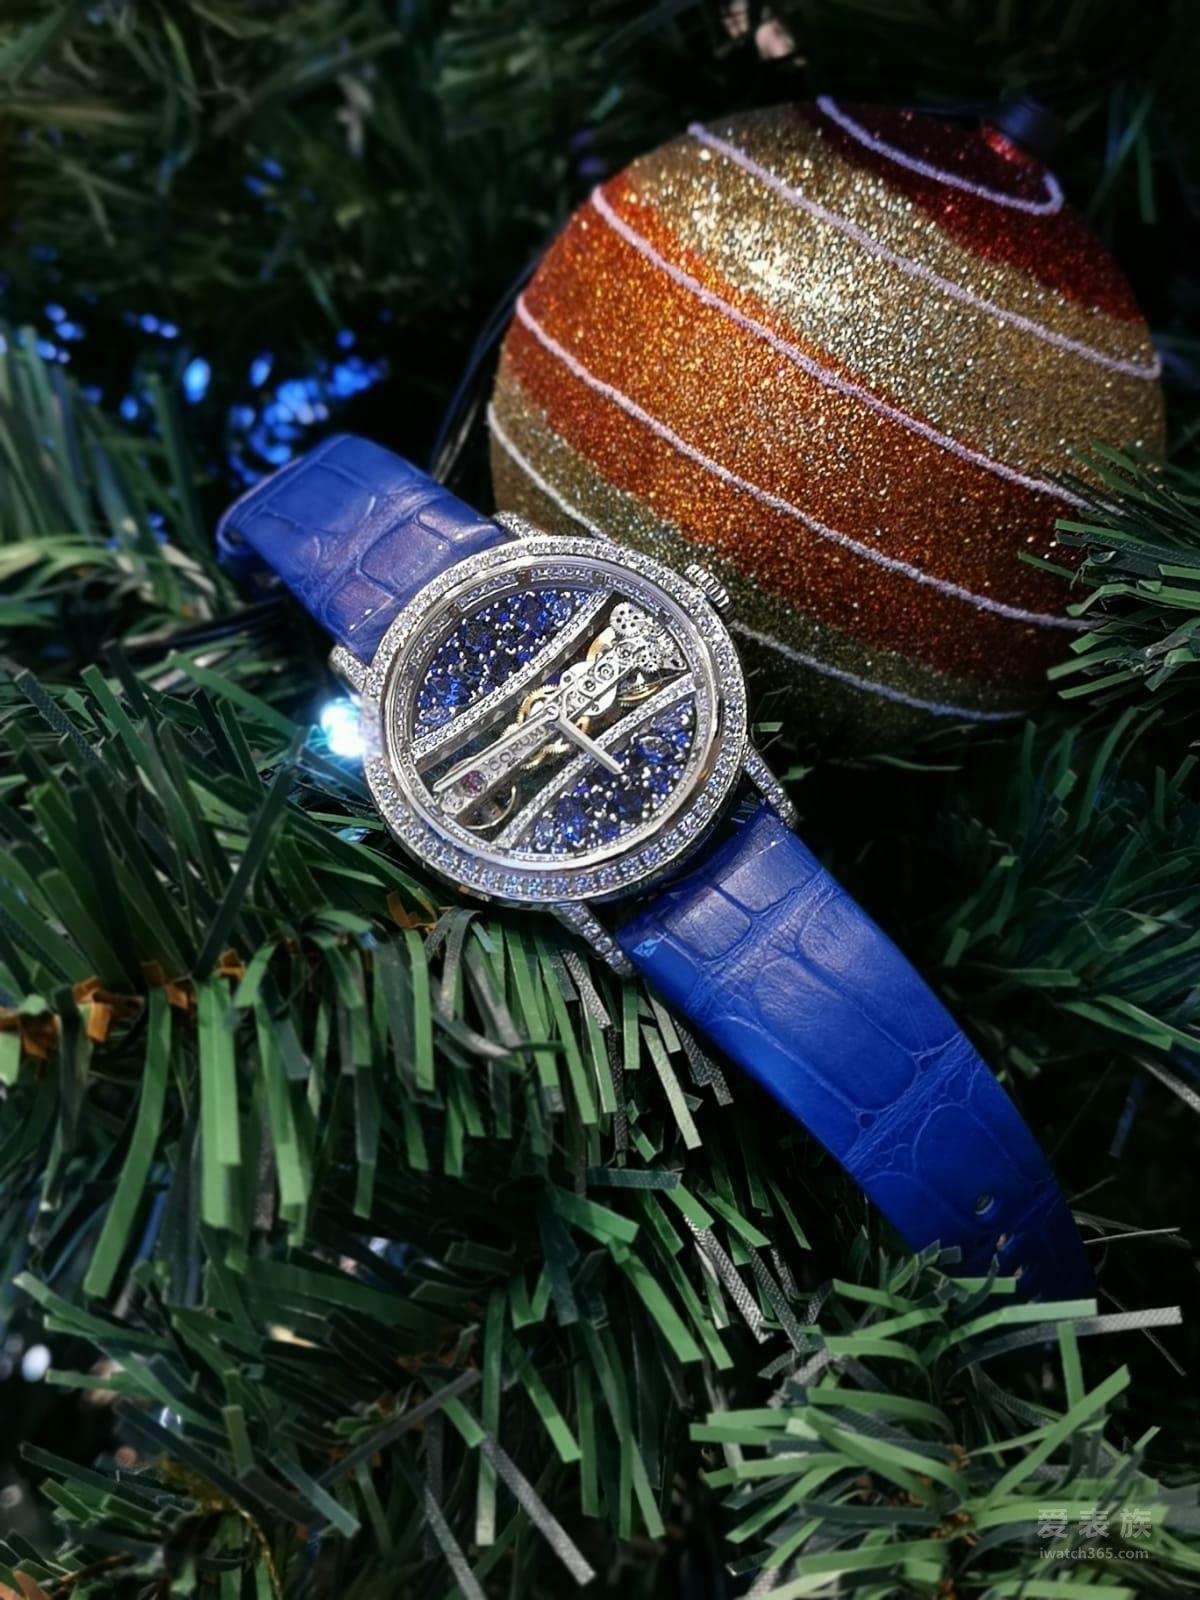 【圣诞季】绿与蓝 源于自然的圣诞色彩 -CORUM昆仑表金桥系列